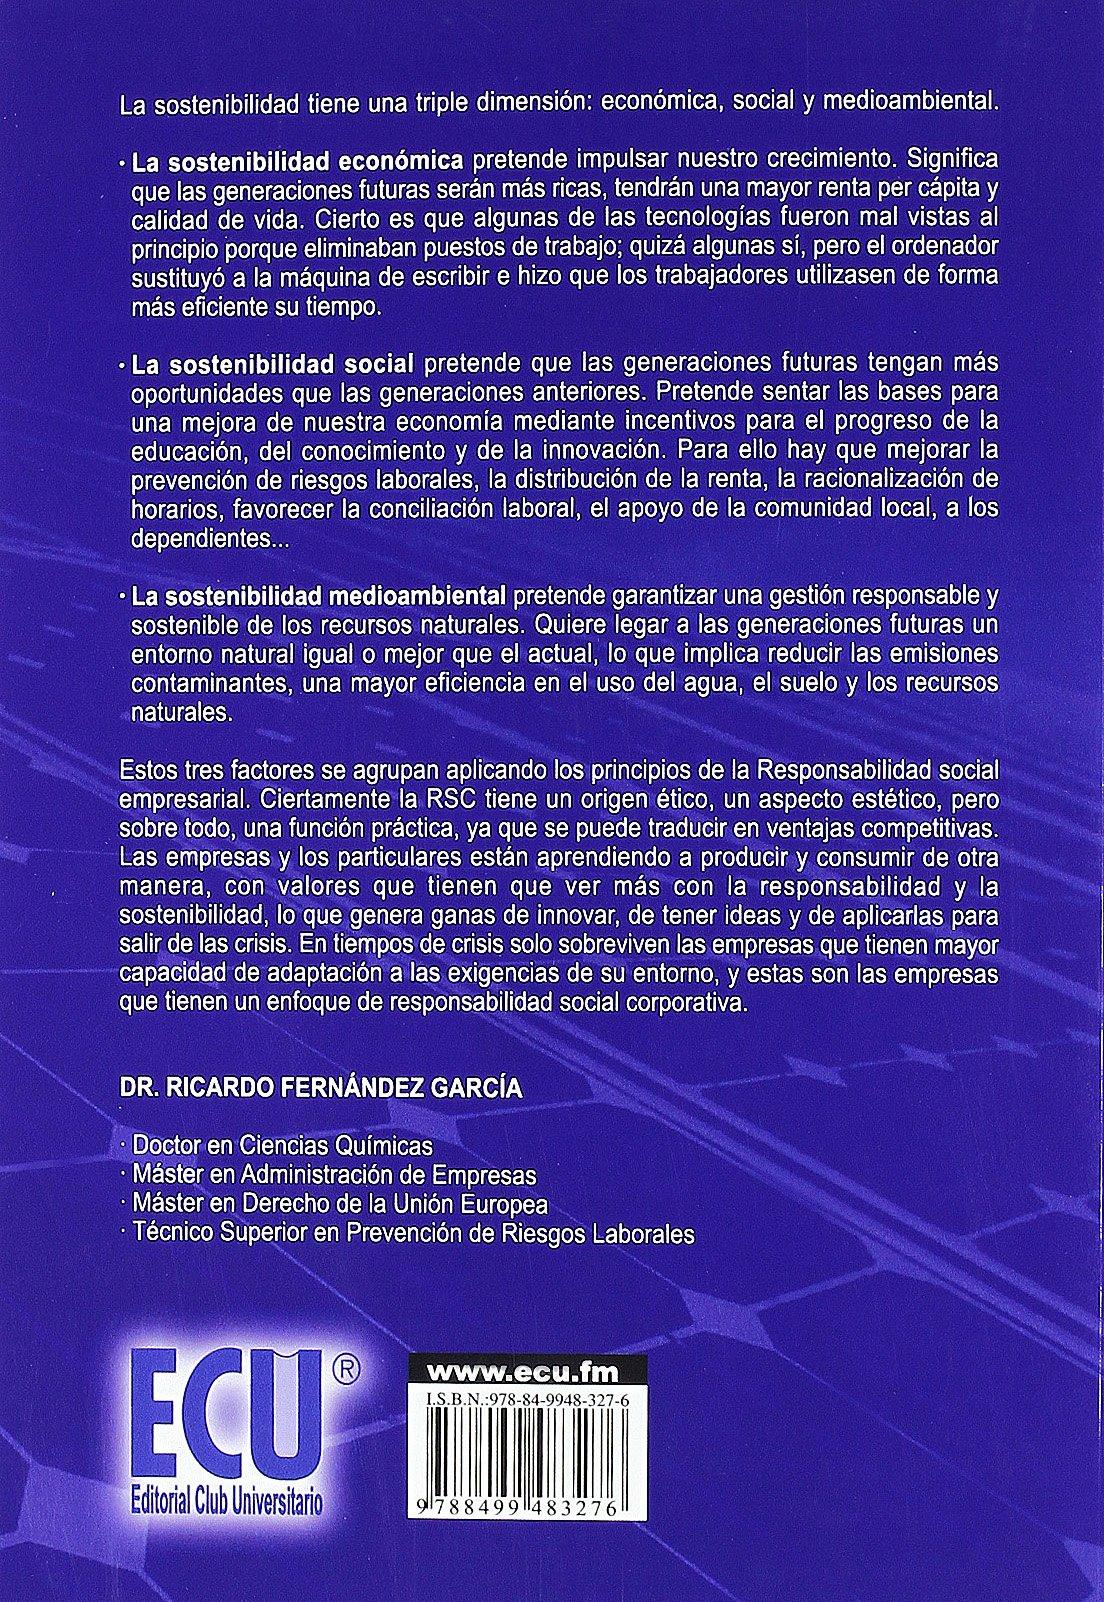 La dimensión económica del desarrollo sostenible: Ricardo Fernández García: 9788499483276: Amazon.com: Books